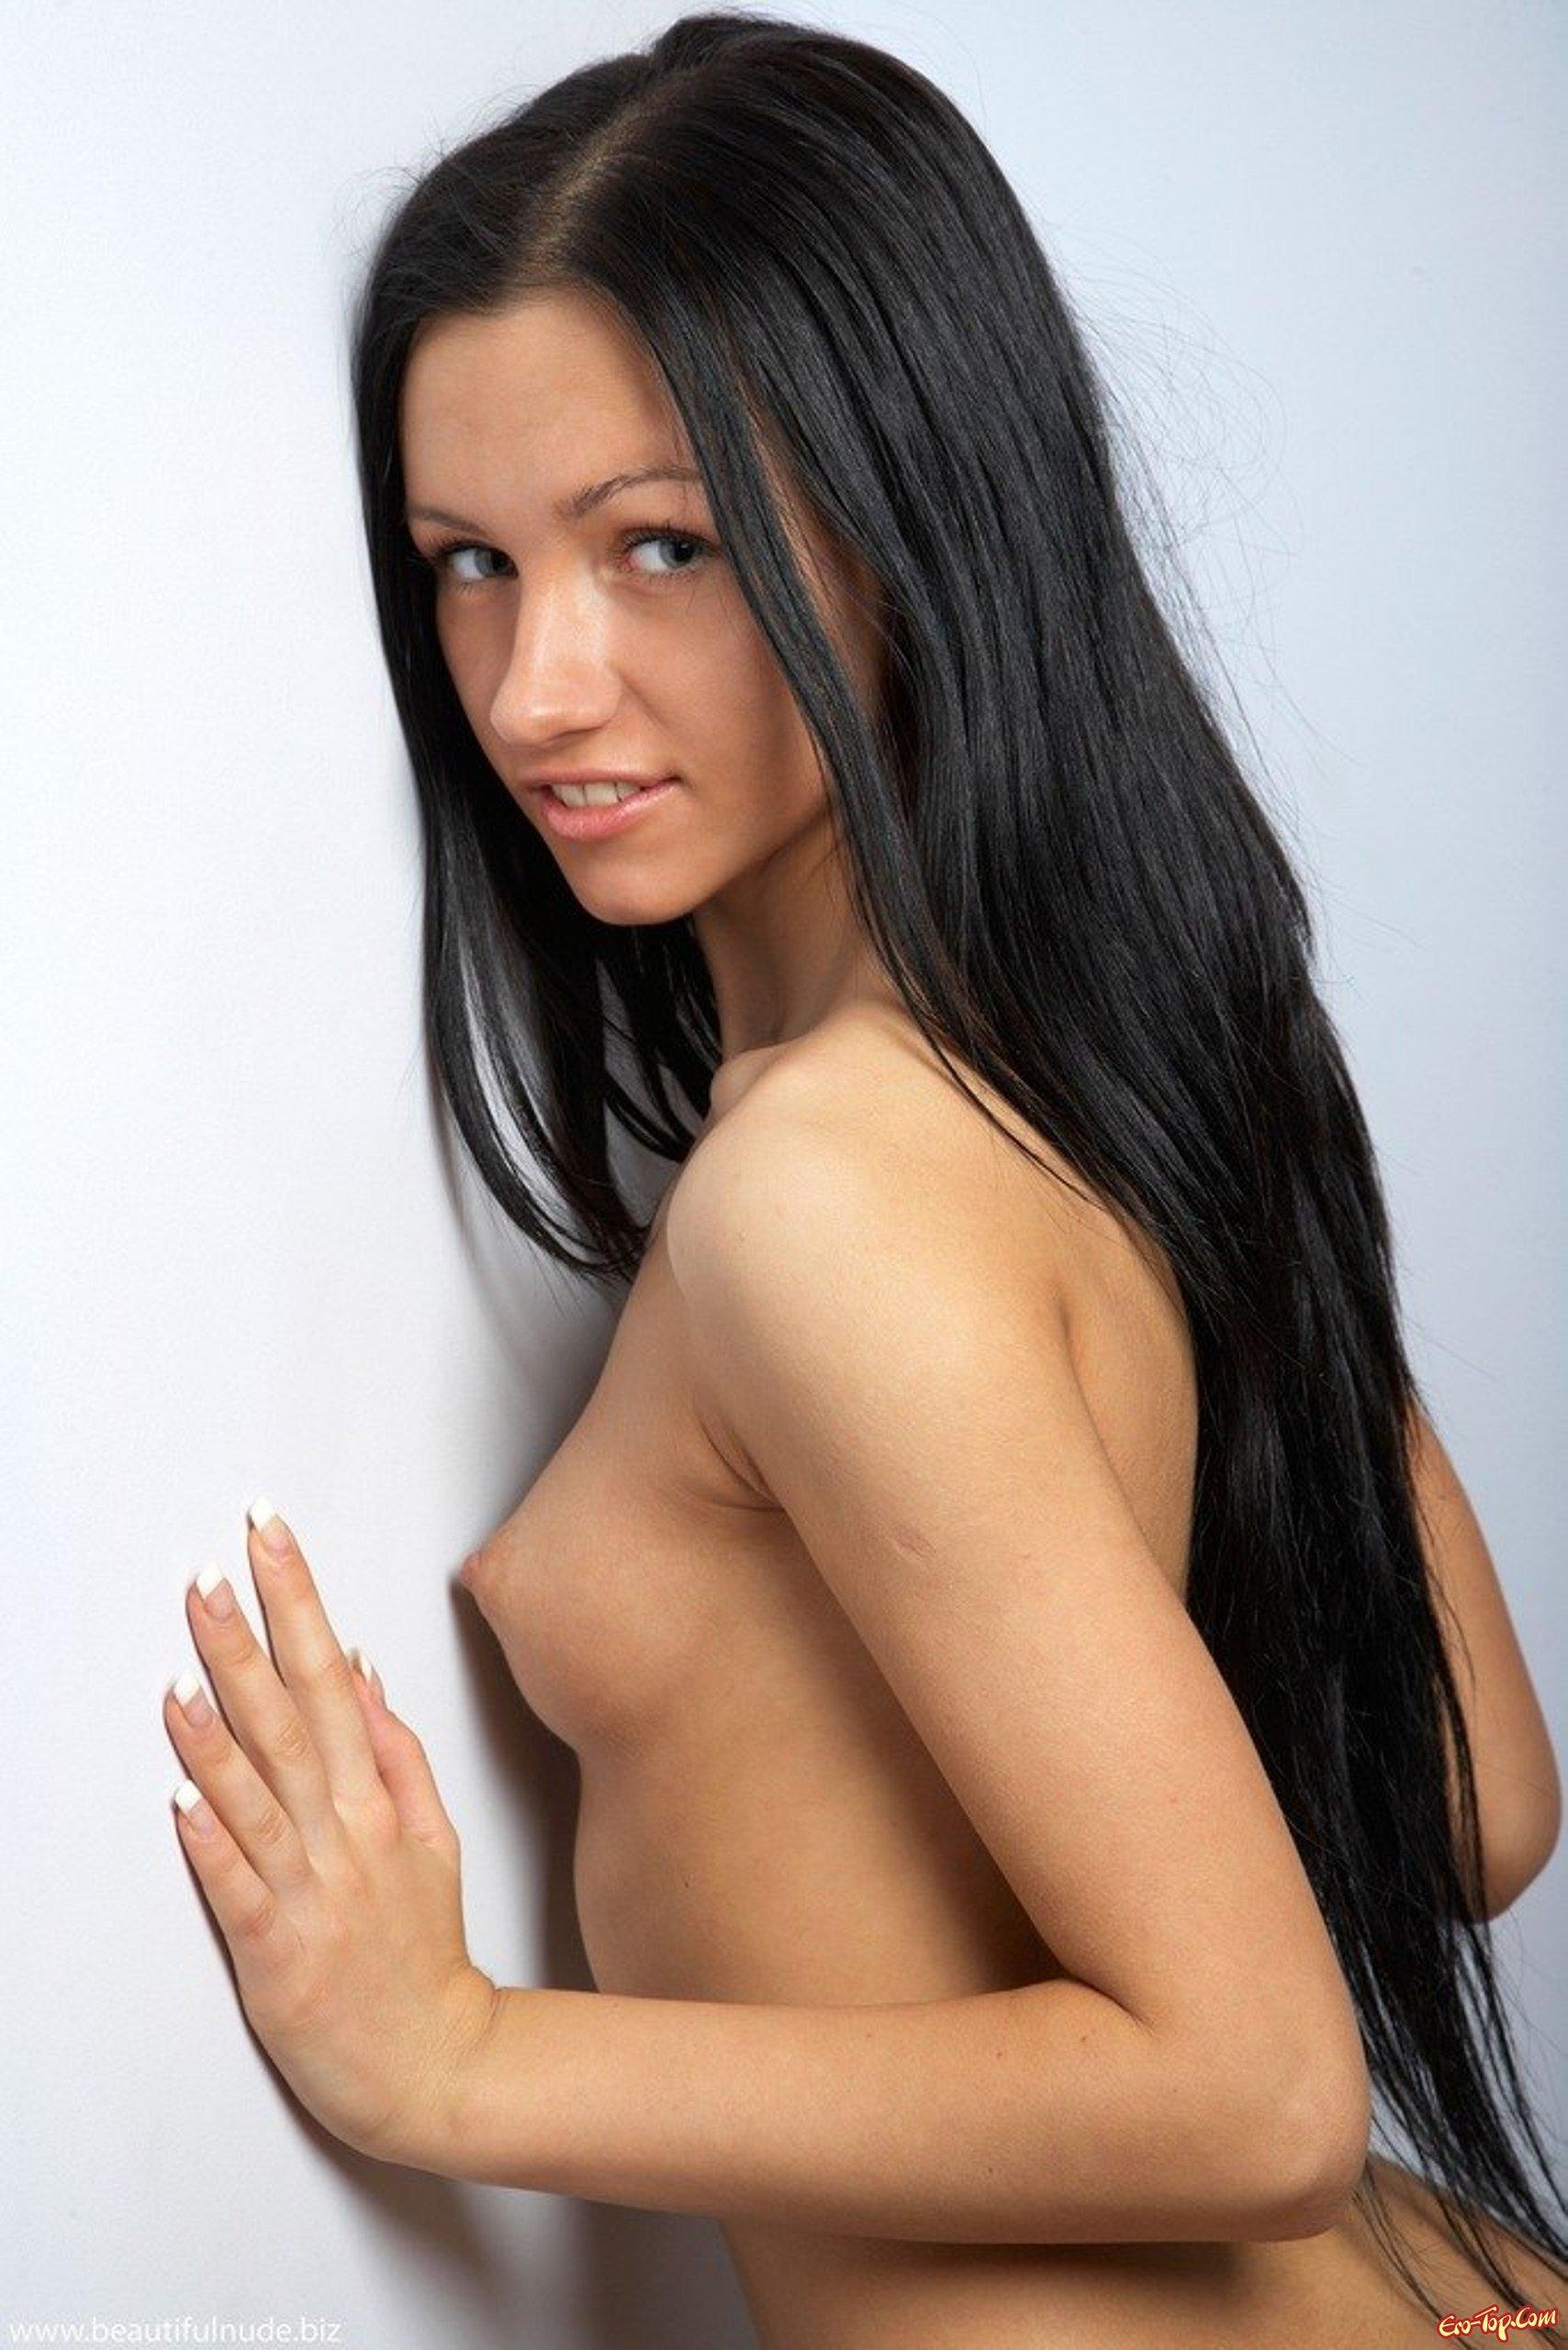 фото-порномодели саша роуз имеет